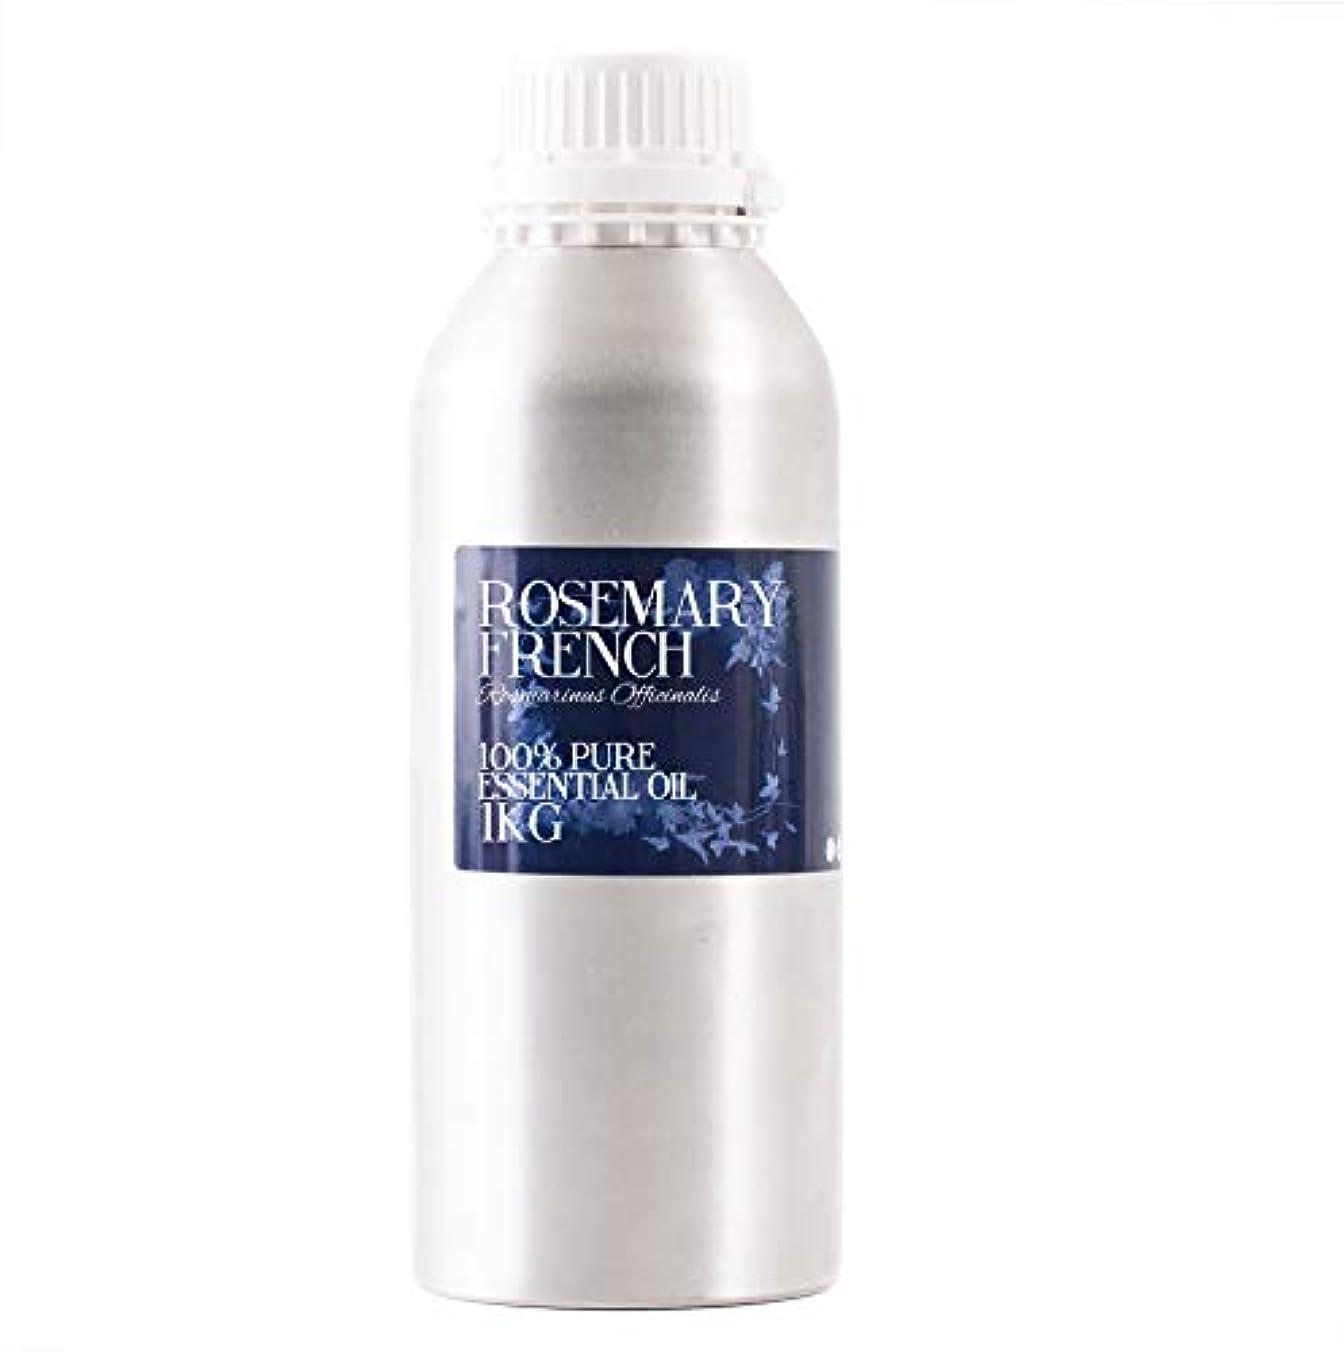 コカインマリンメイトMystic Moments | Rosemary French Essential Oil - 1Kg - 100% Pure